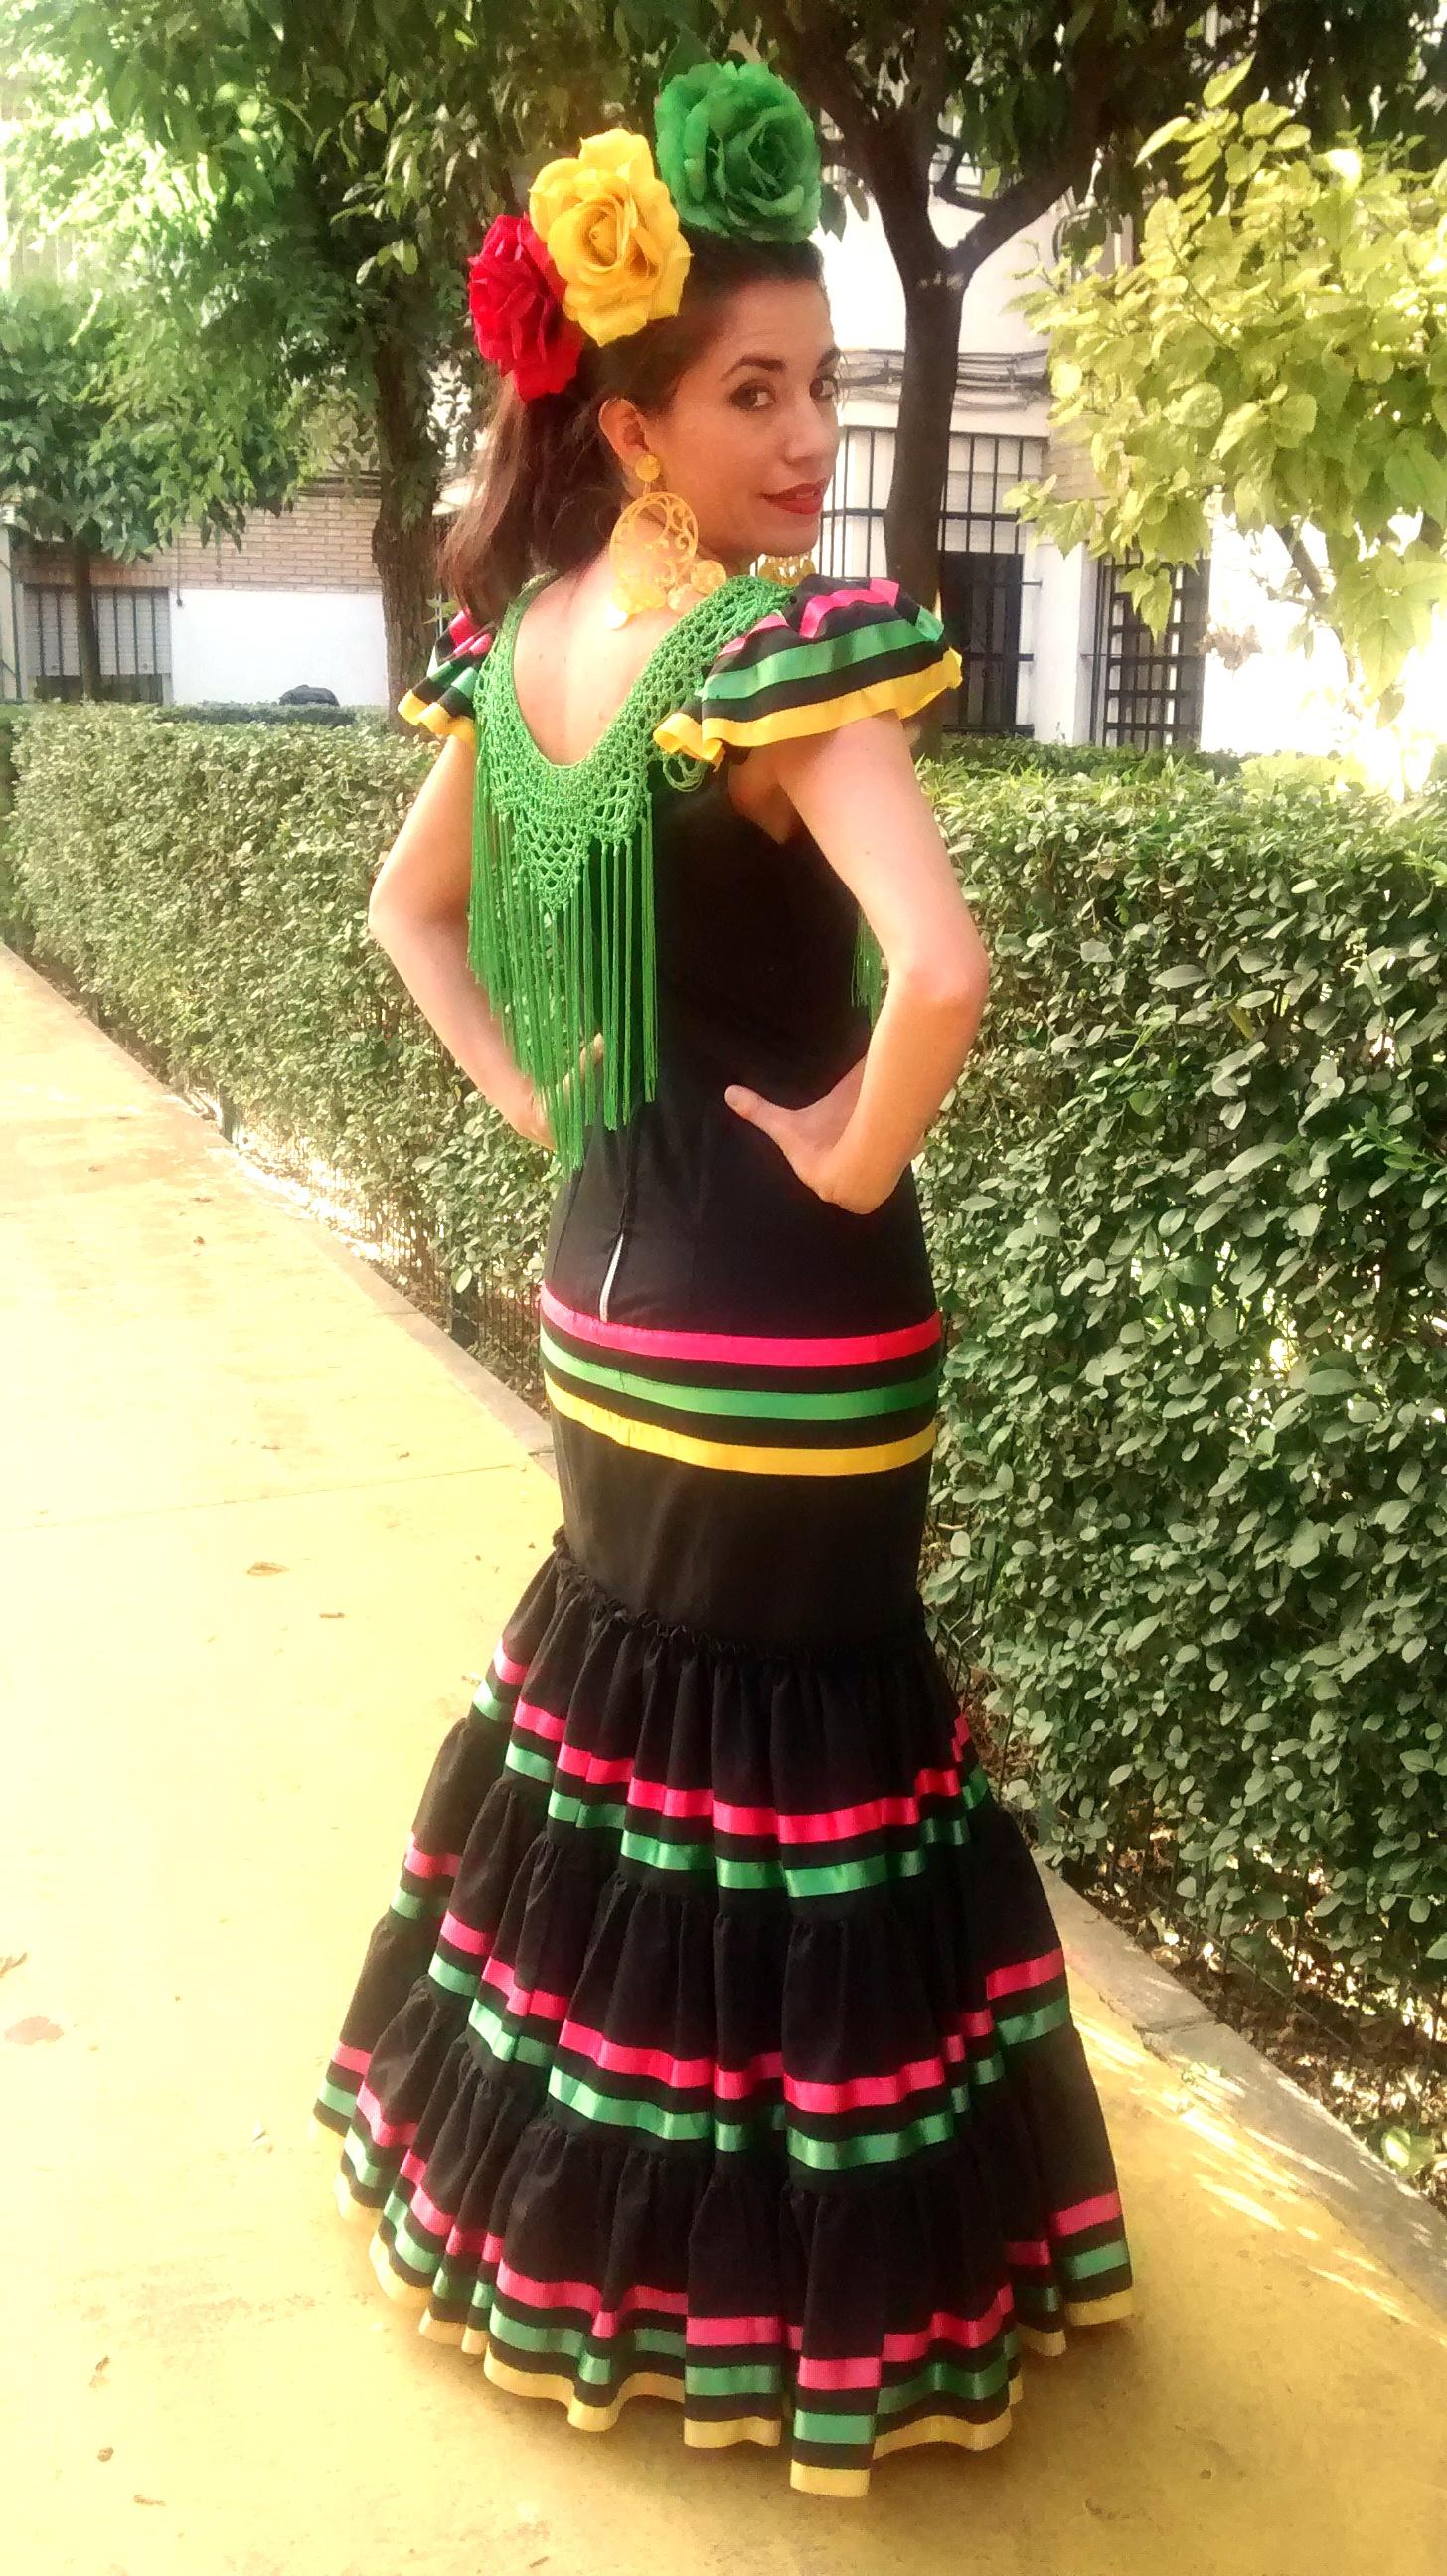 traje-flamenca-retro-reformado-adoraideas-1